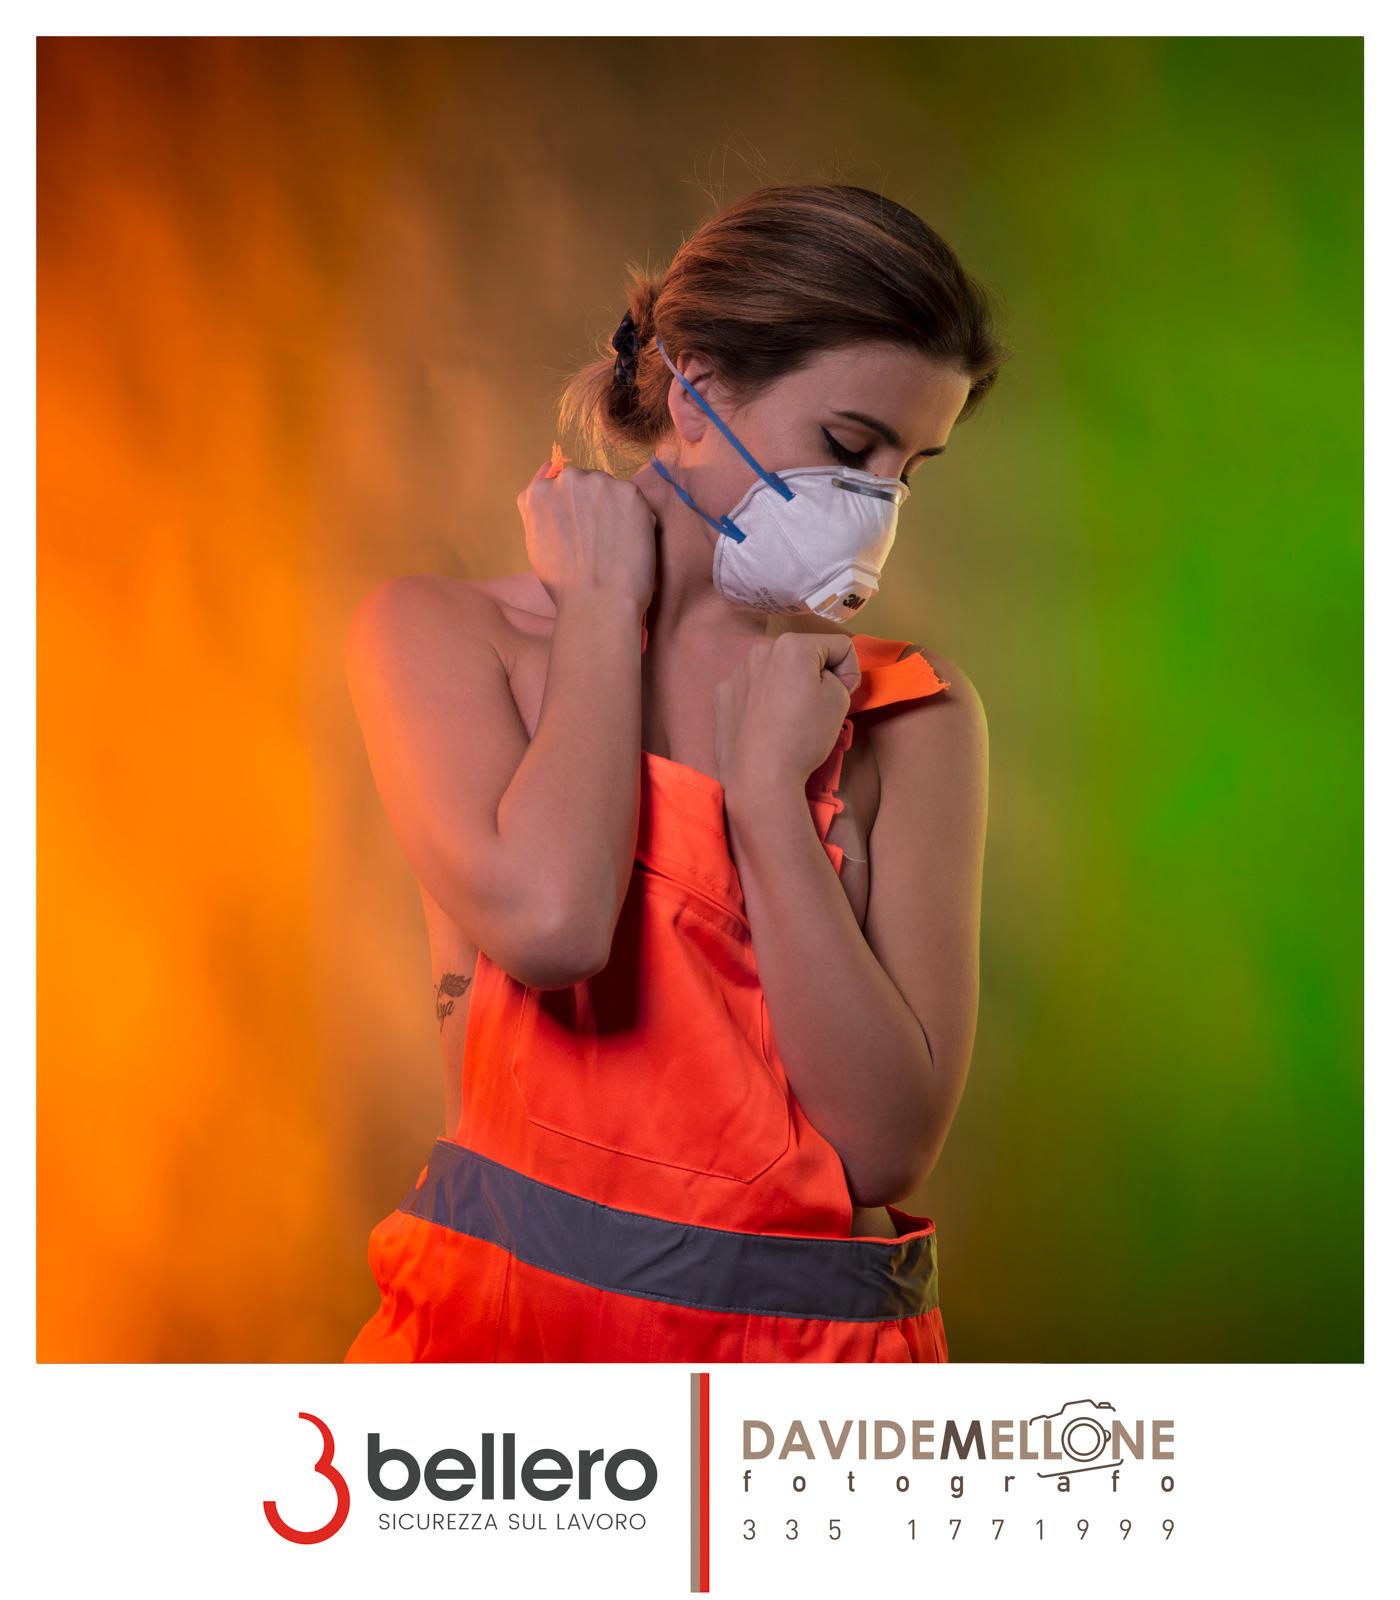 Altri colori per le comuni maschere a filtro